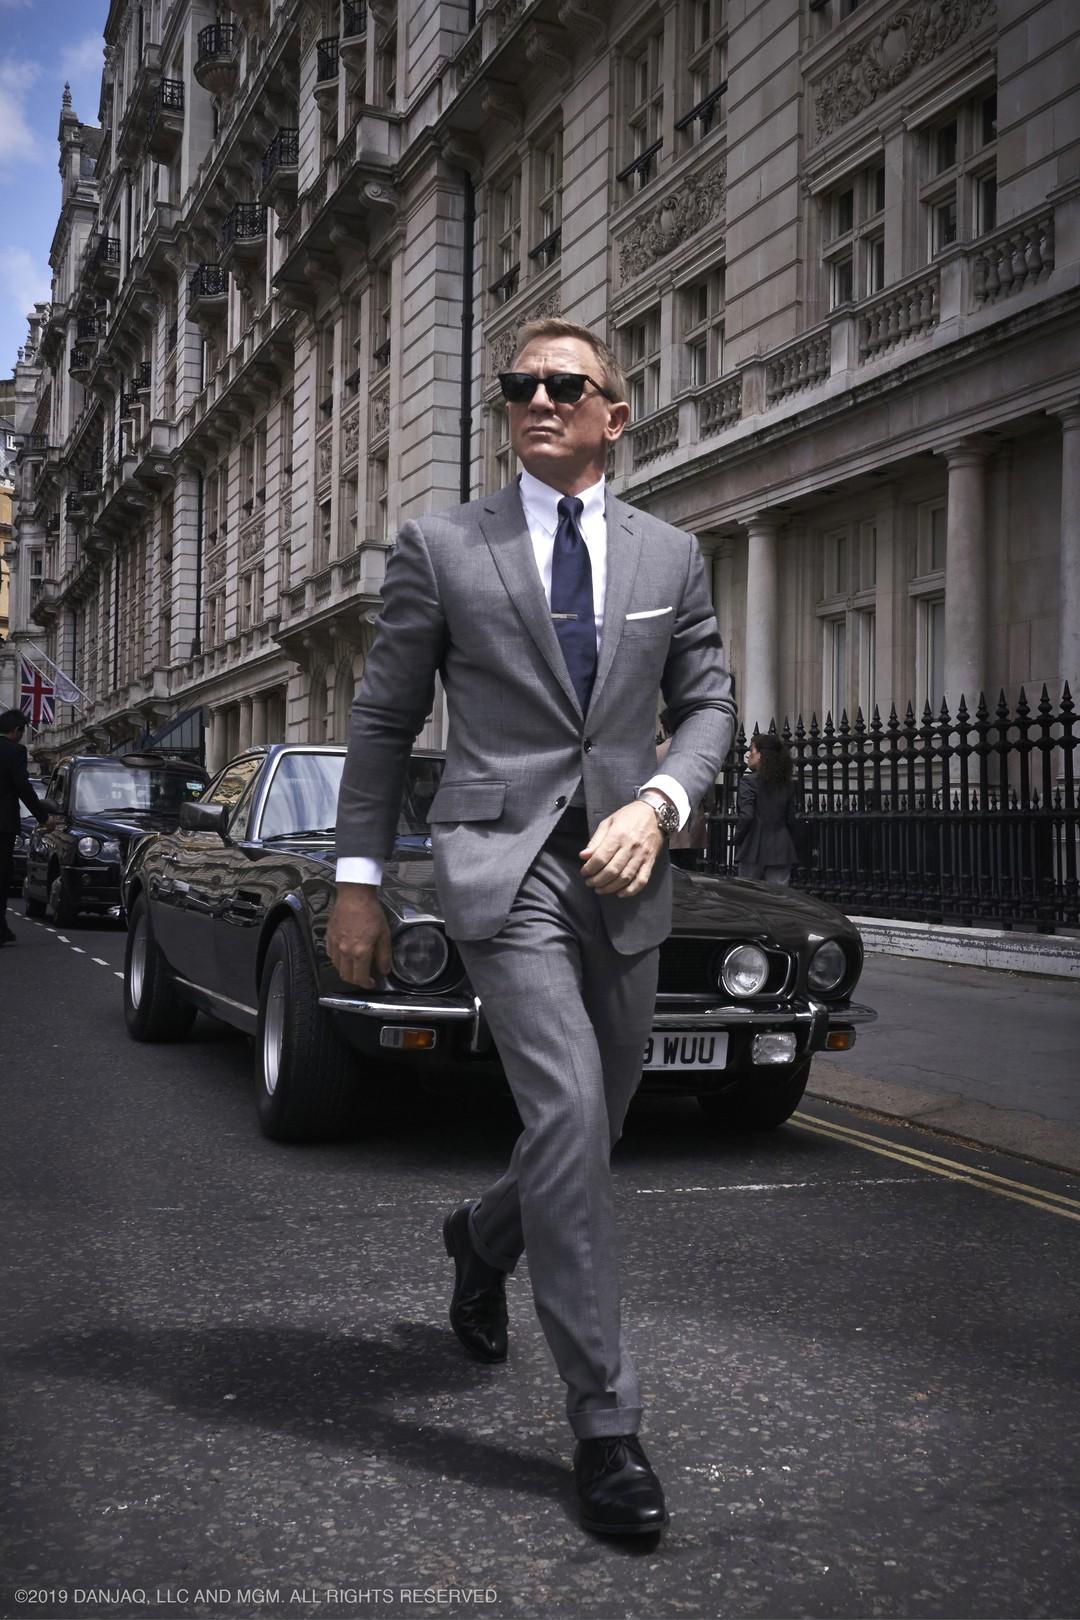 James Bond 007: Keine Zeit Zu Sterben Trailer - Bild 1 von 16